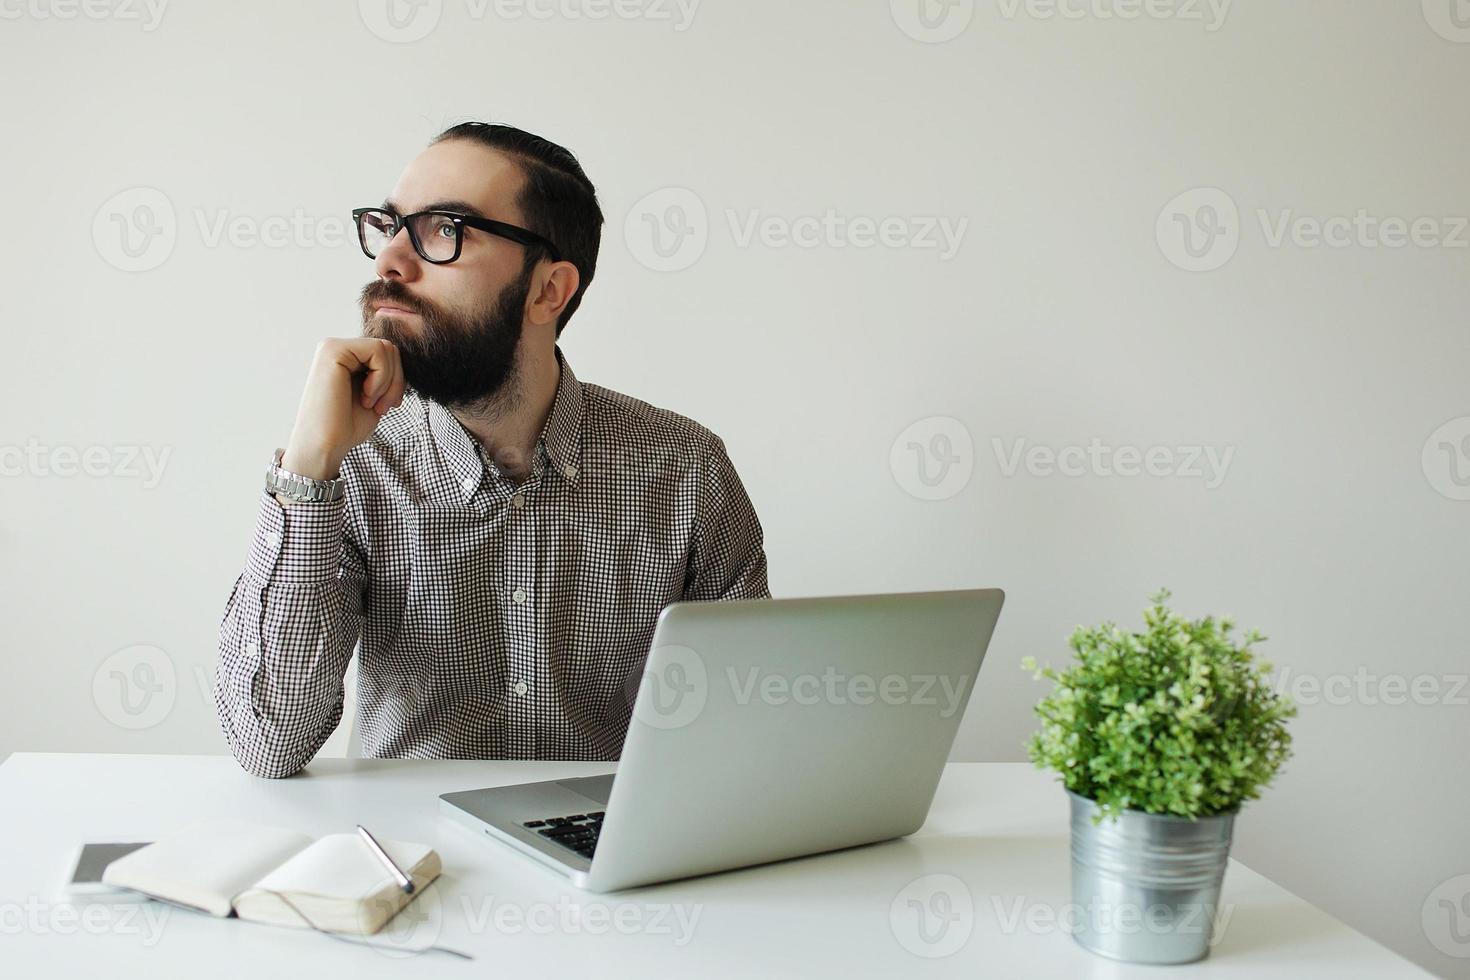 homme occupé avec barbe dans des verres en pensant avec un ordinateur portable, smartphone photo